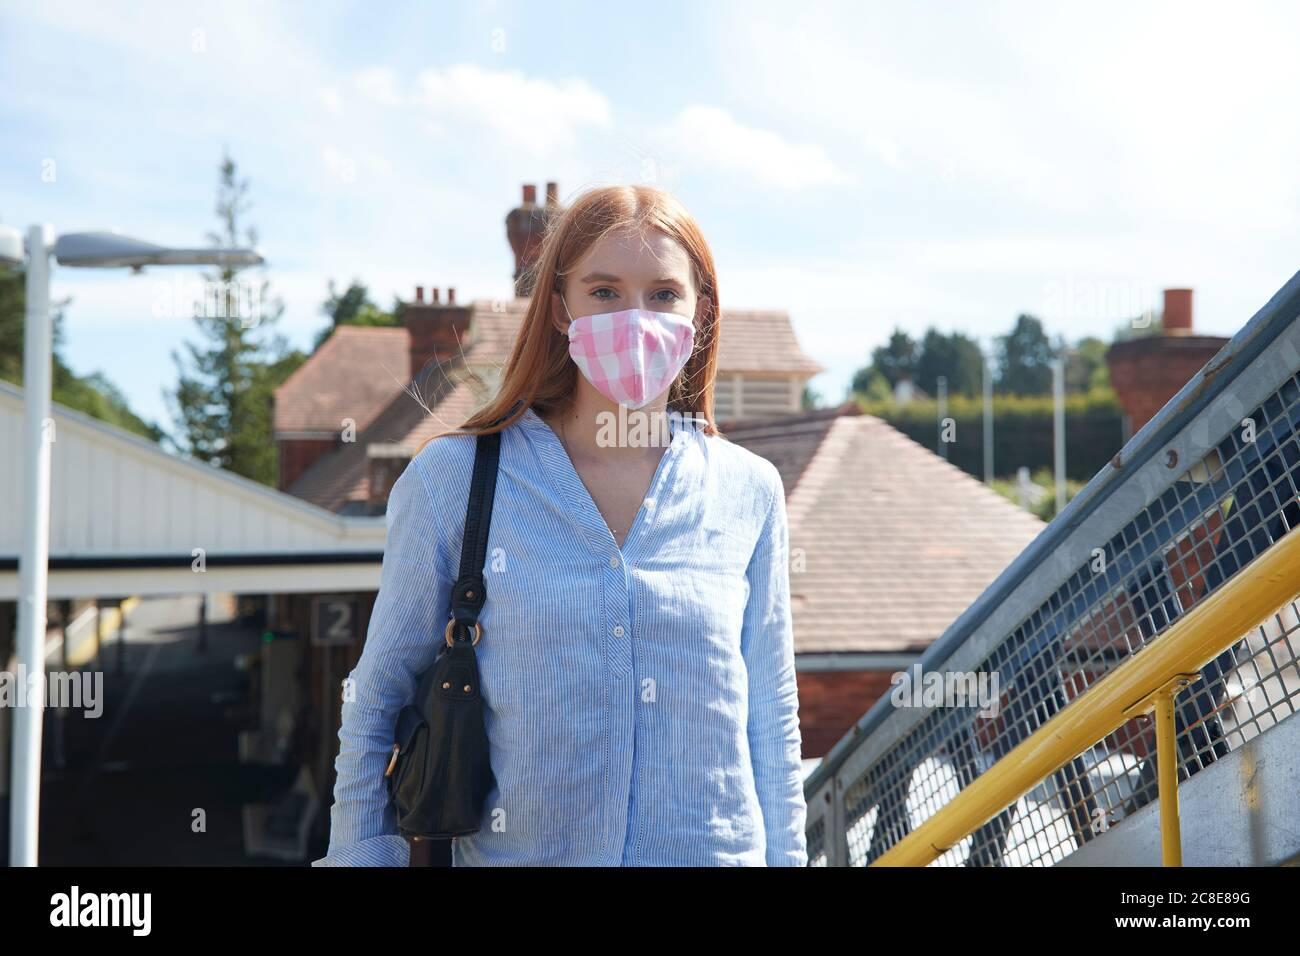 Junge Frau mit Schutzmaske am Bahnhof Stockfoto